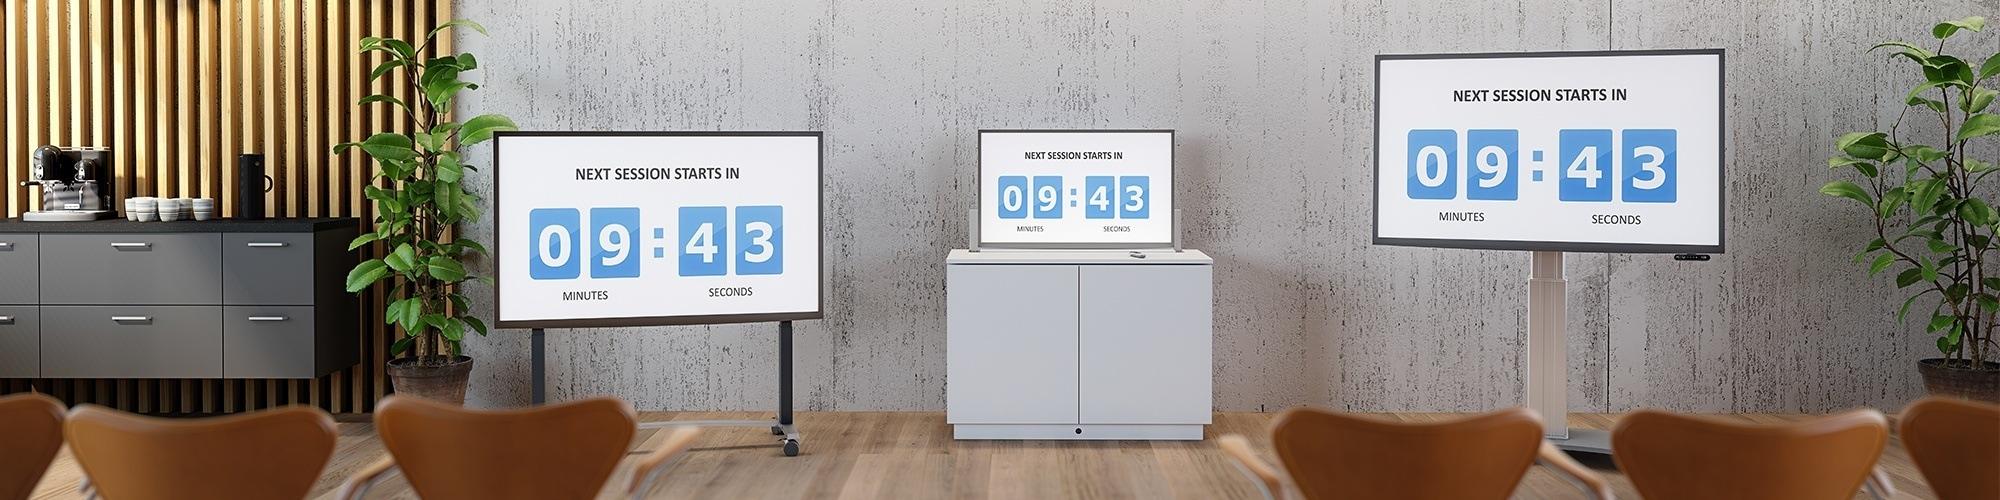 Stojaki na ekrany i monitory